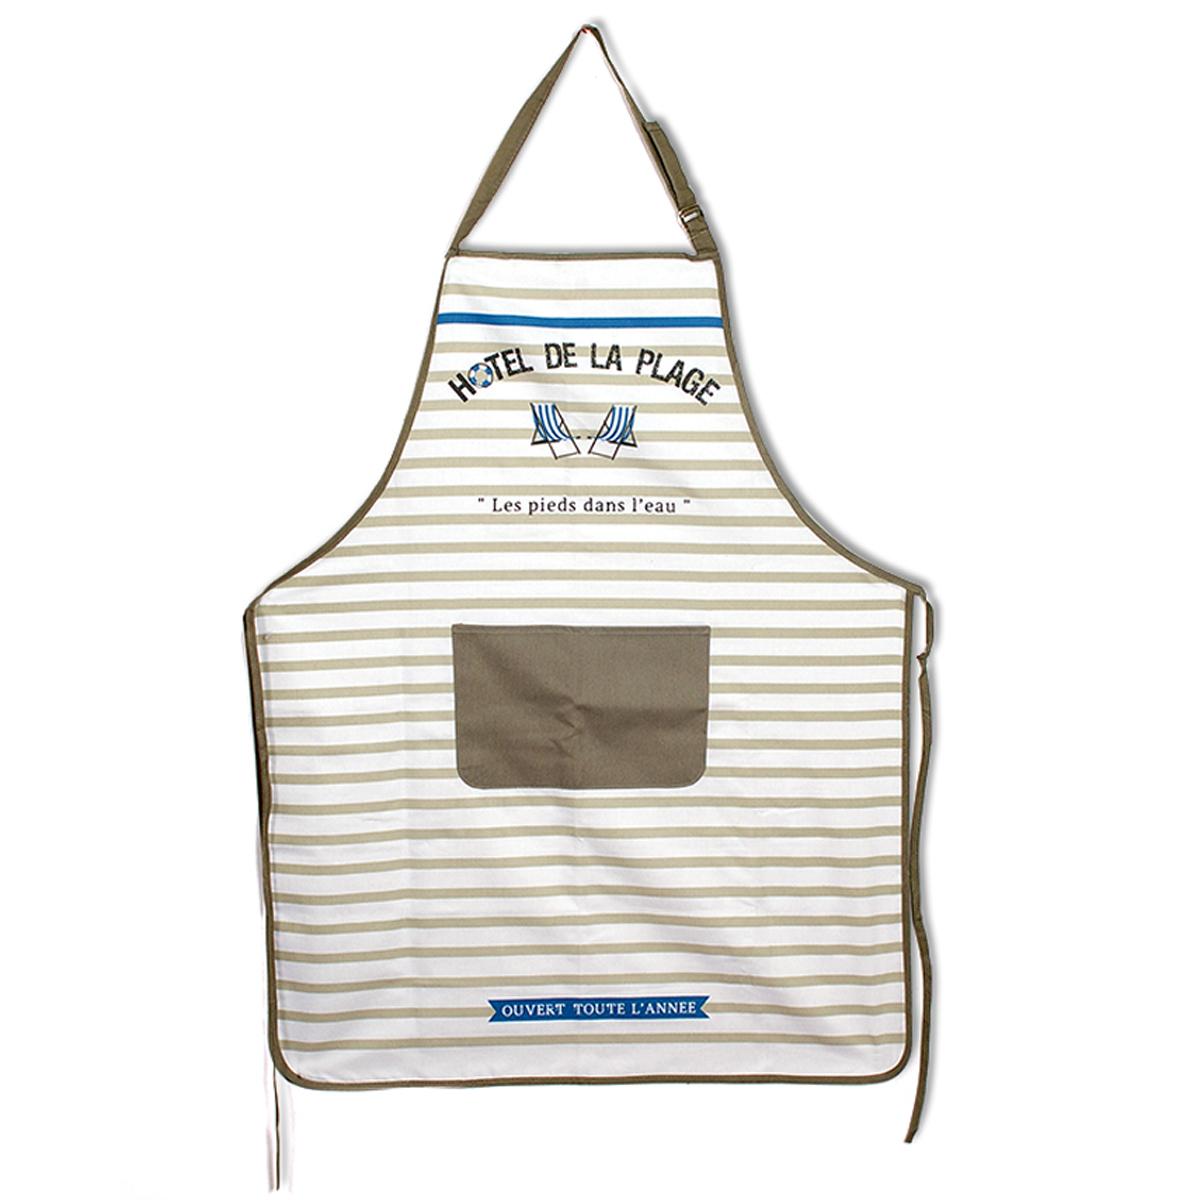 Tablier de cuisine coton \'Cabourg - Hotel de la Plage\' taupe bleu blanc - 90x70 cm - [A0248]